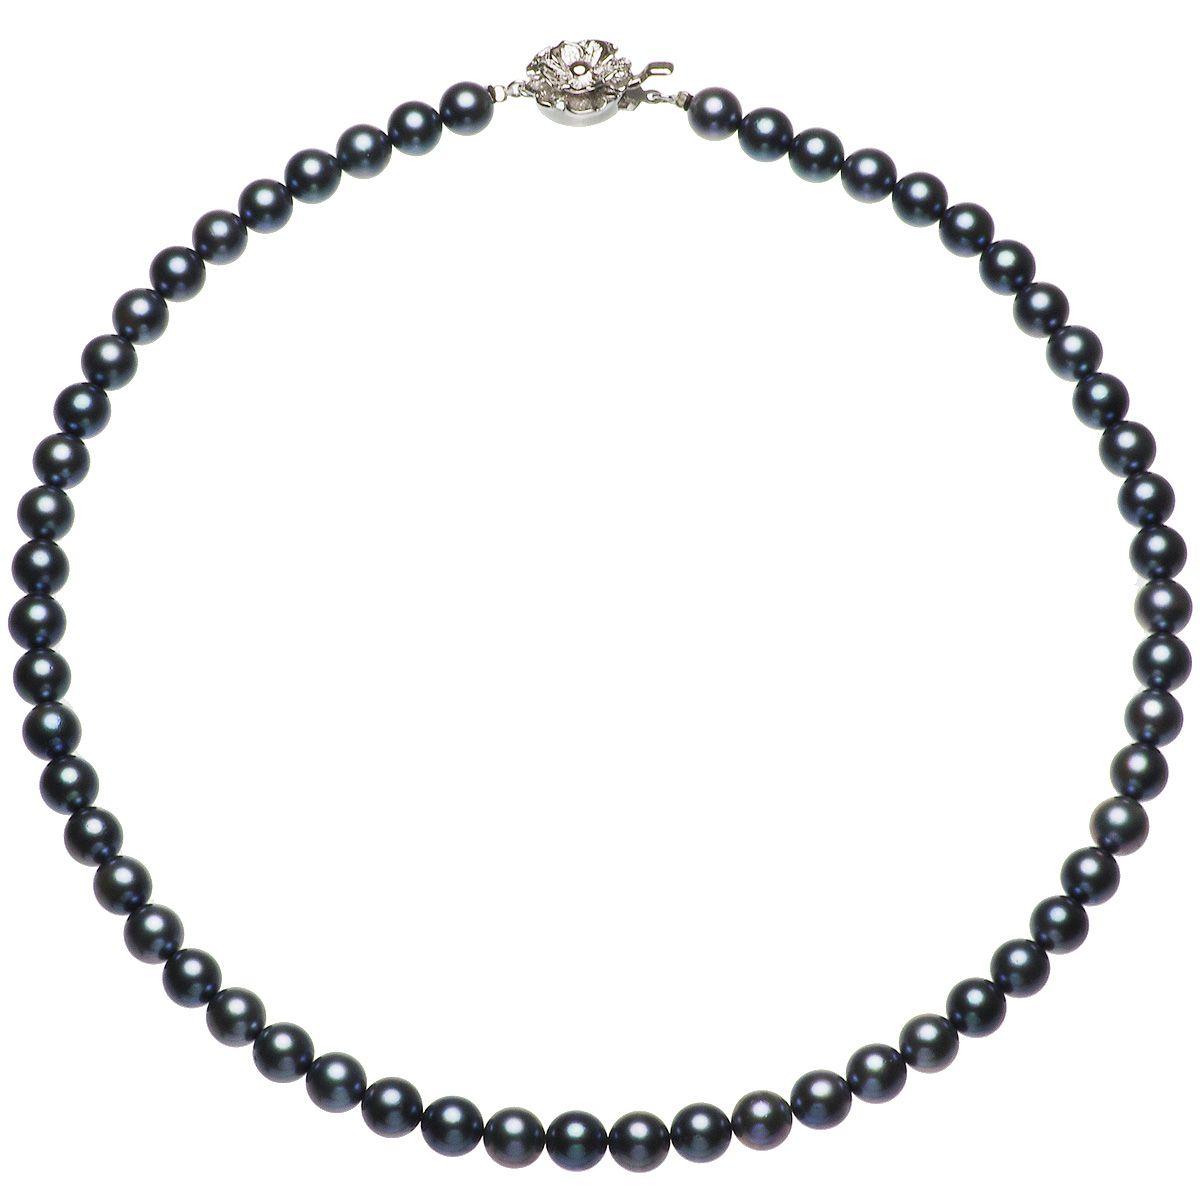 アコヤ真珠フォーマルネックレス 約7mm-7.5mmの写真